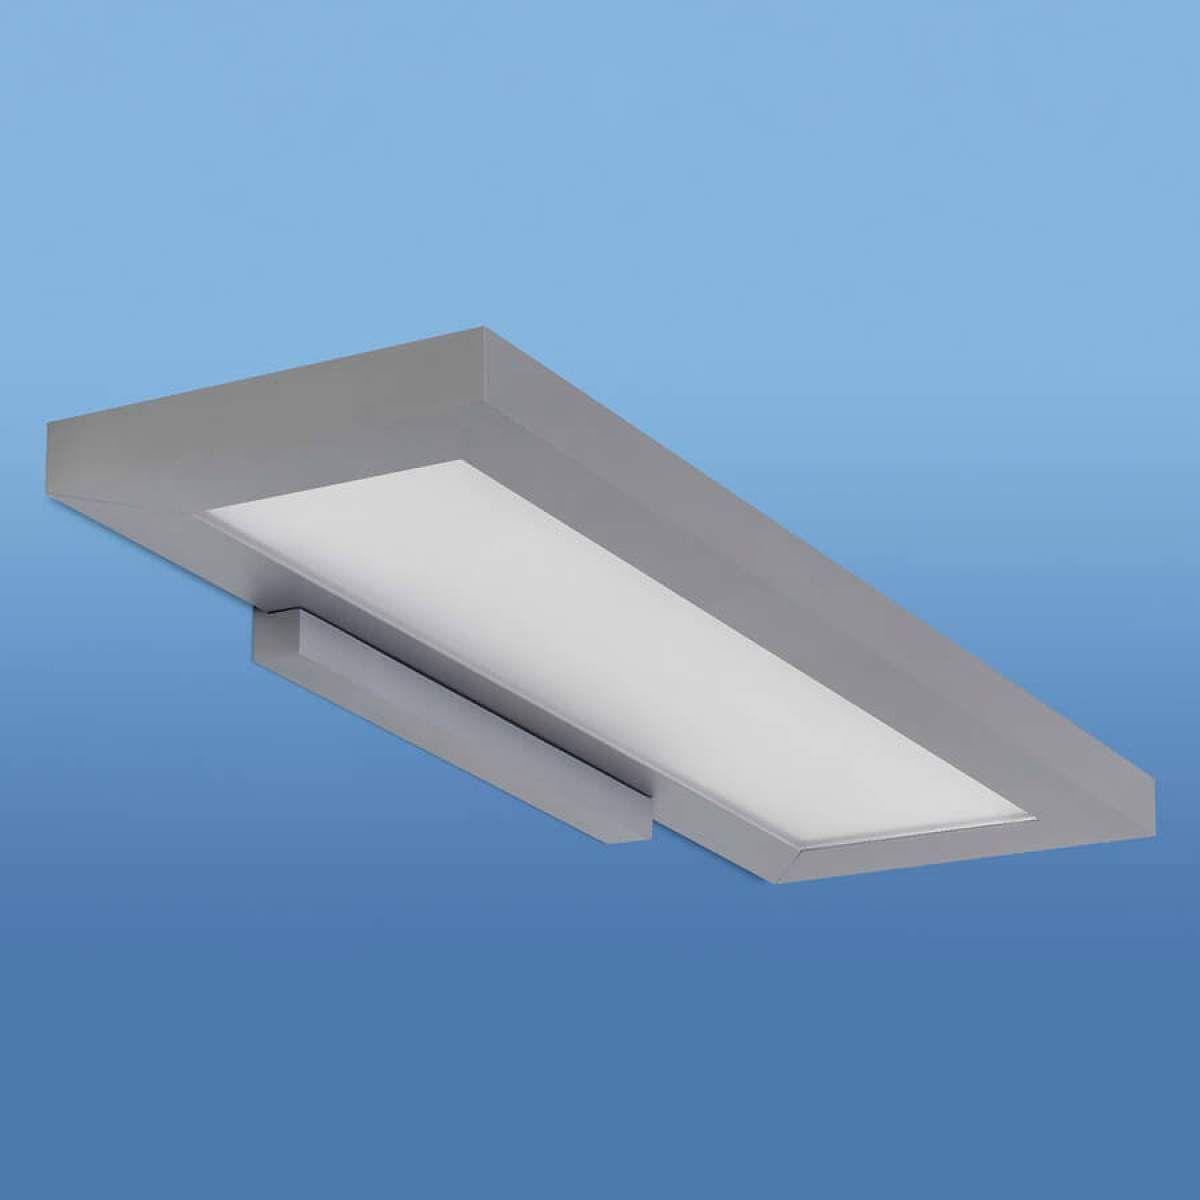 3pc Led Bewegungsmelder Schrankleuchten Kleiderschrank Lampen Unterbauleiste Beleuchtung Kuchenlamp